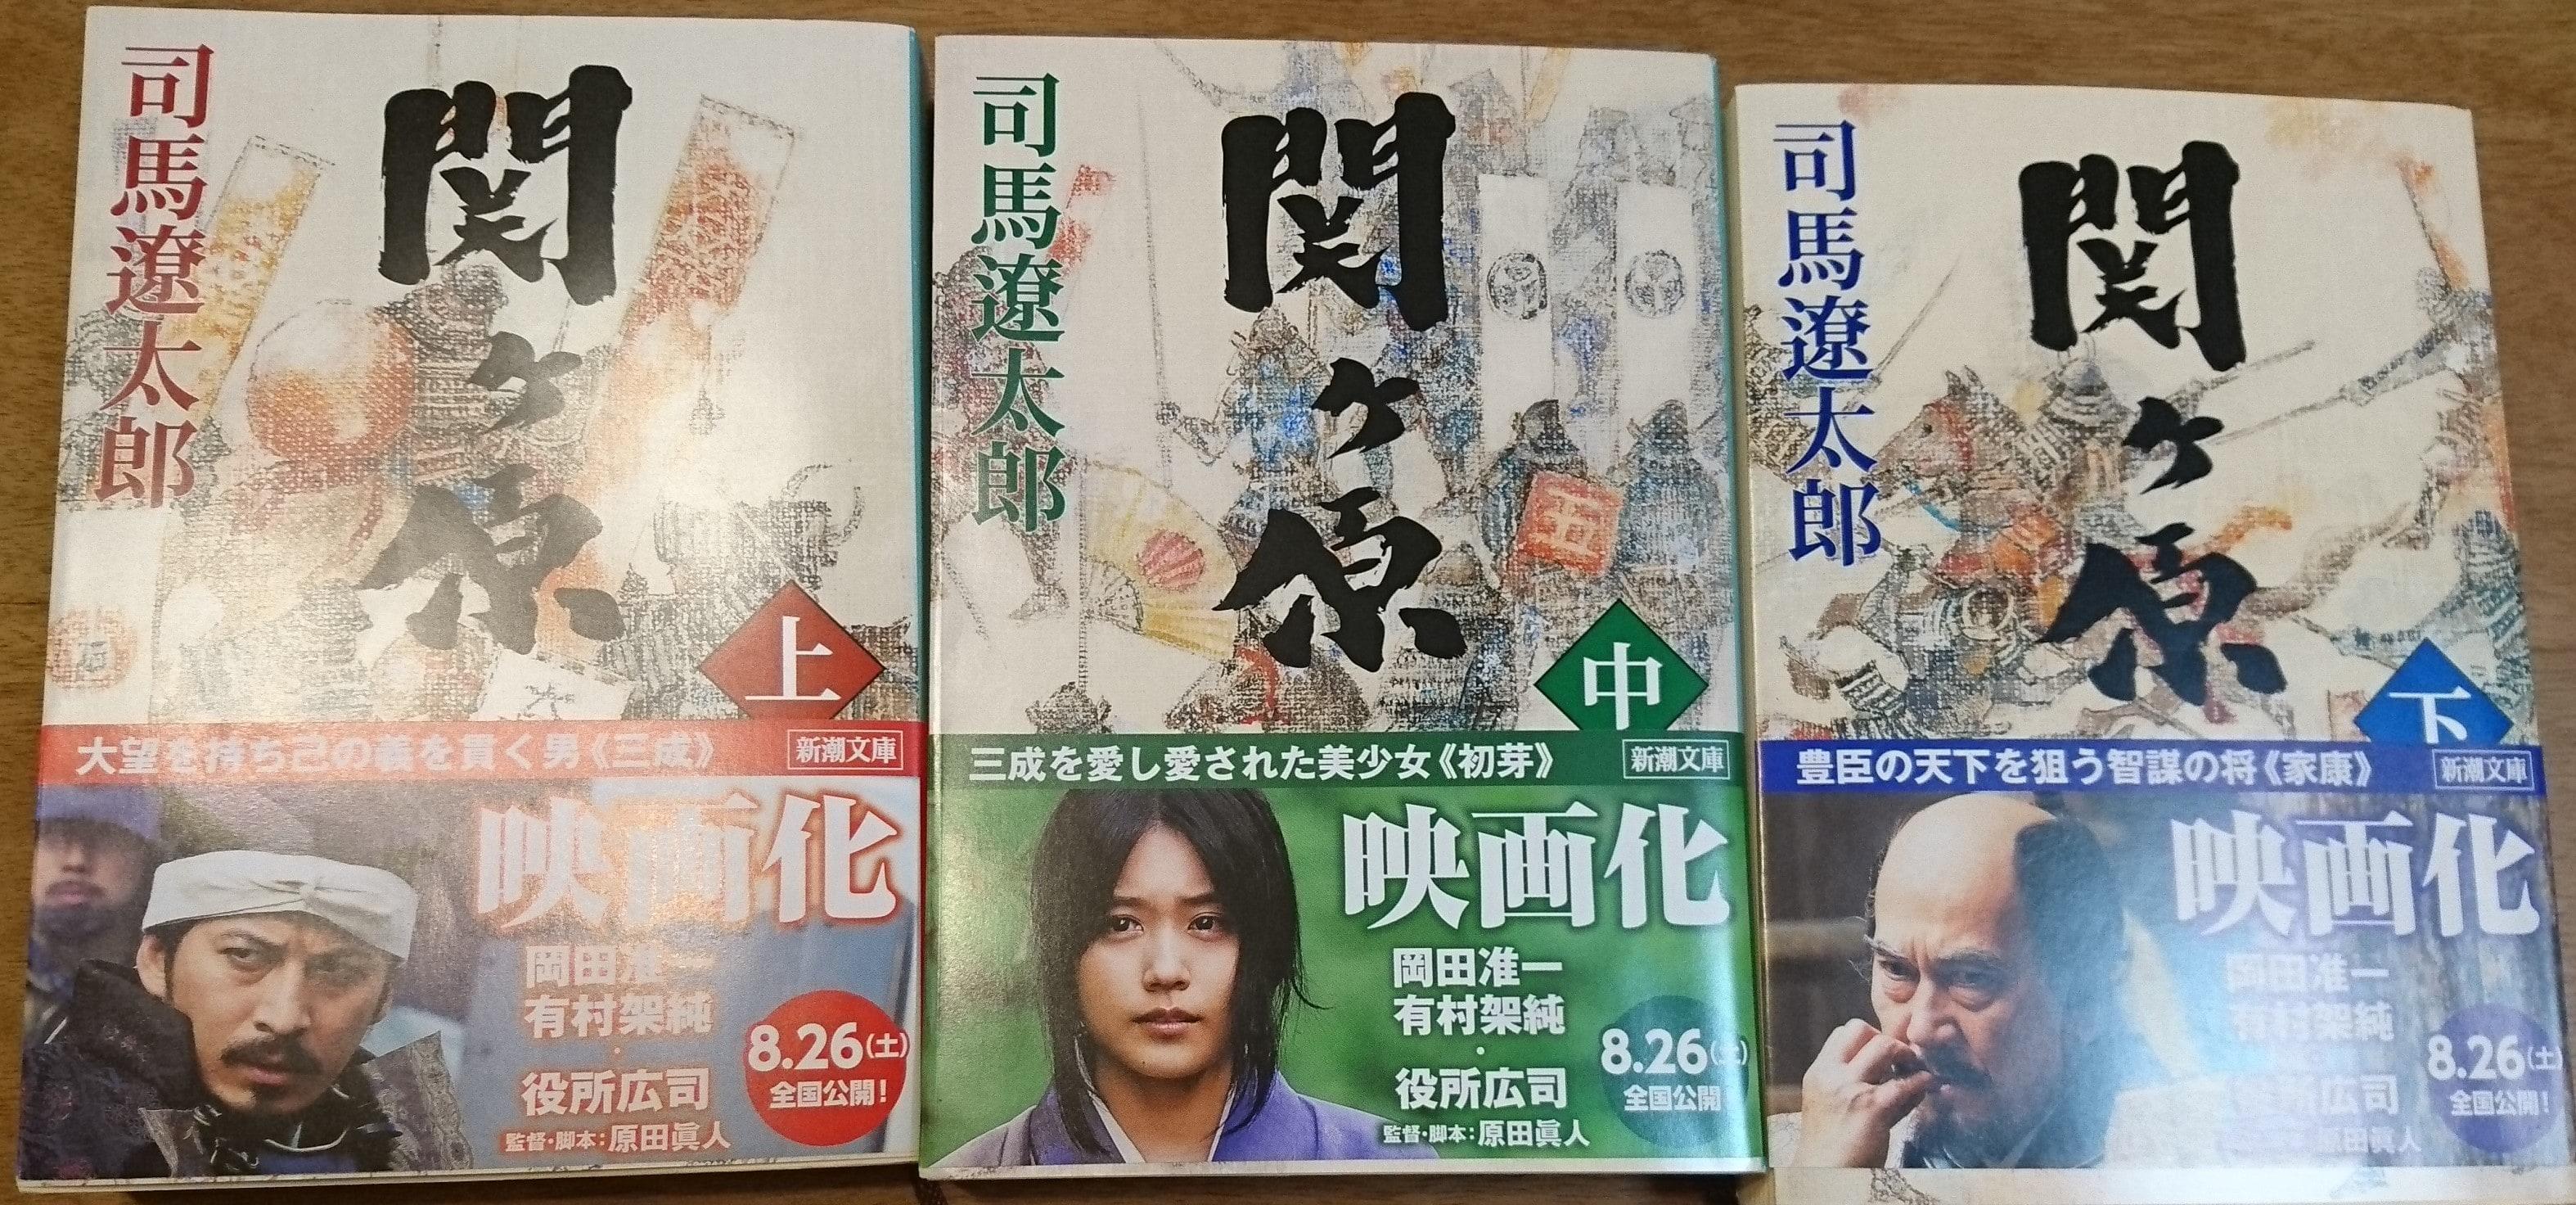 映画 関ヶ原